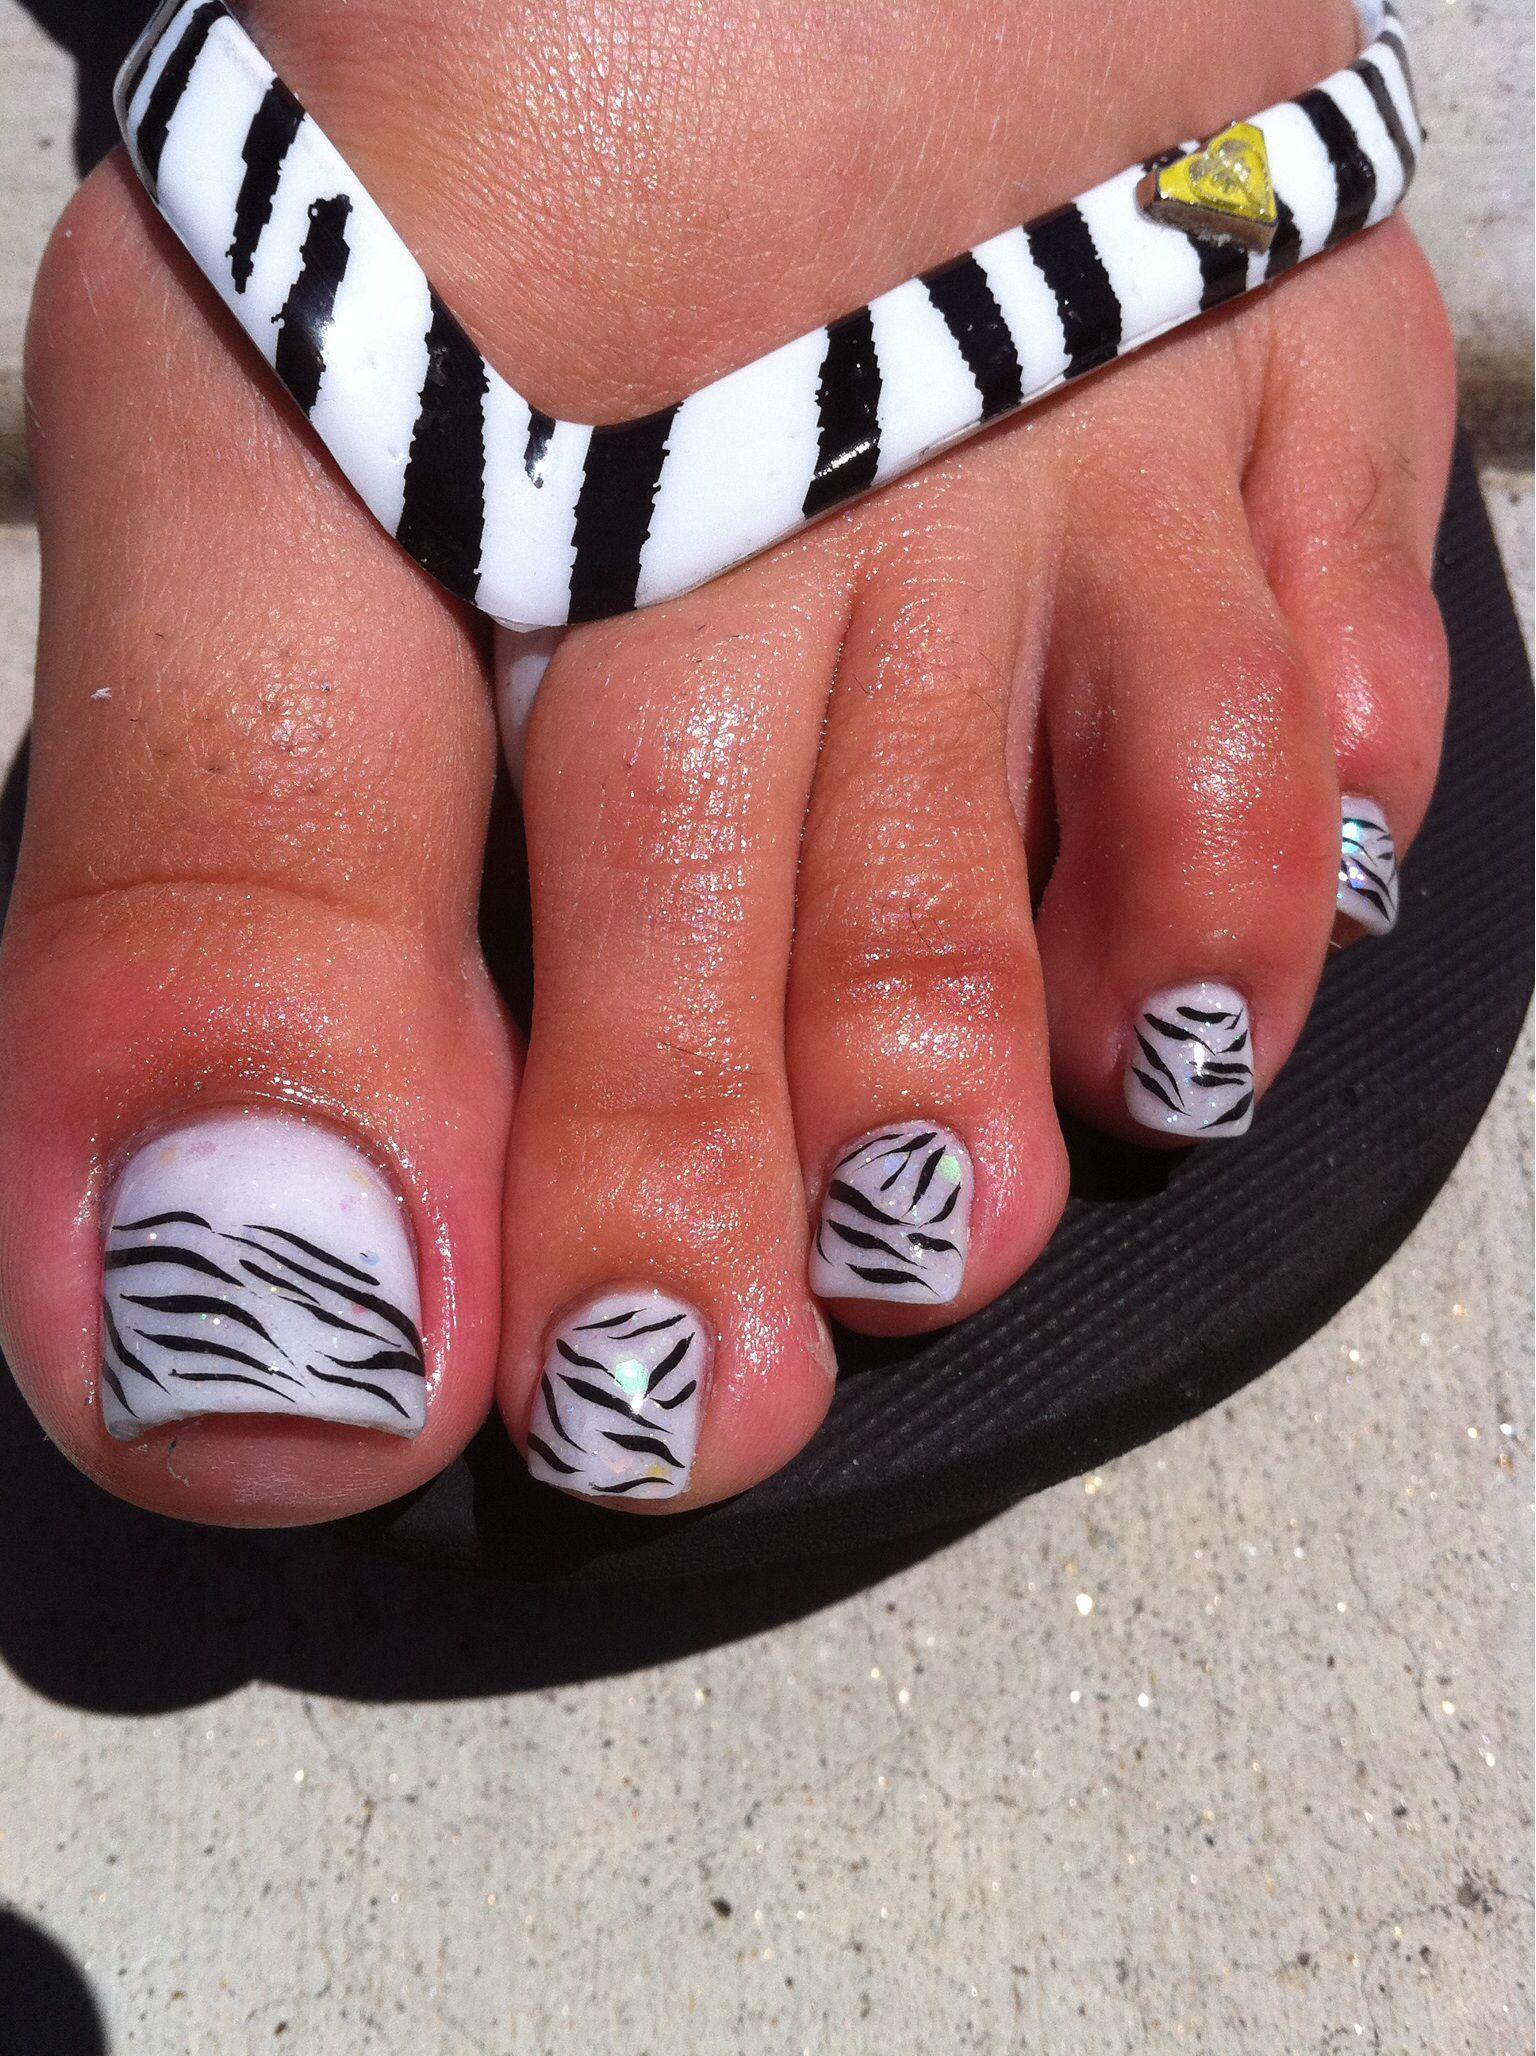 acrylic toes art work